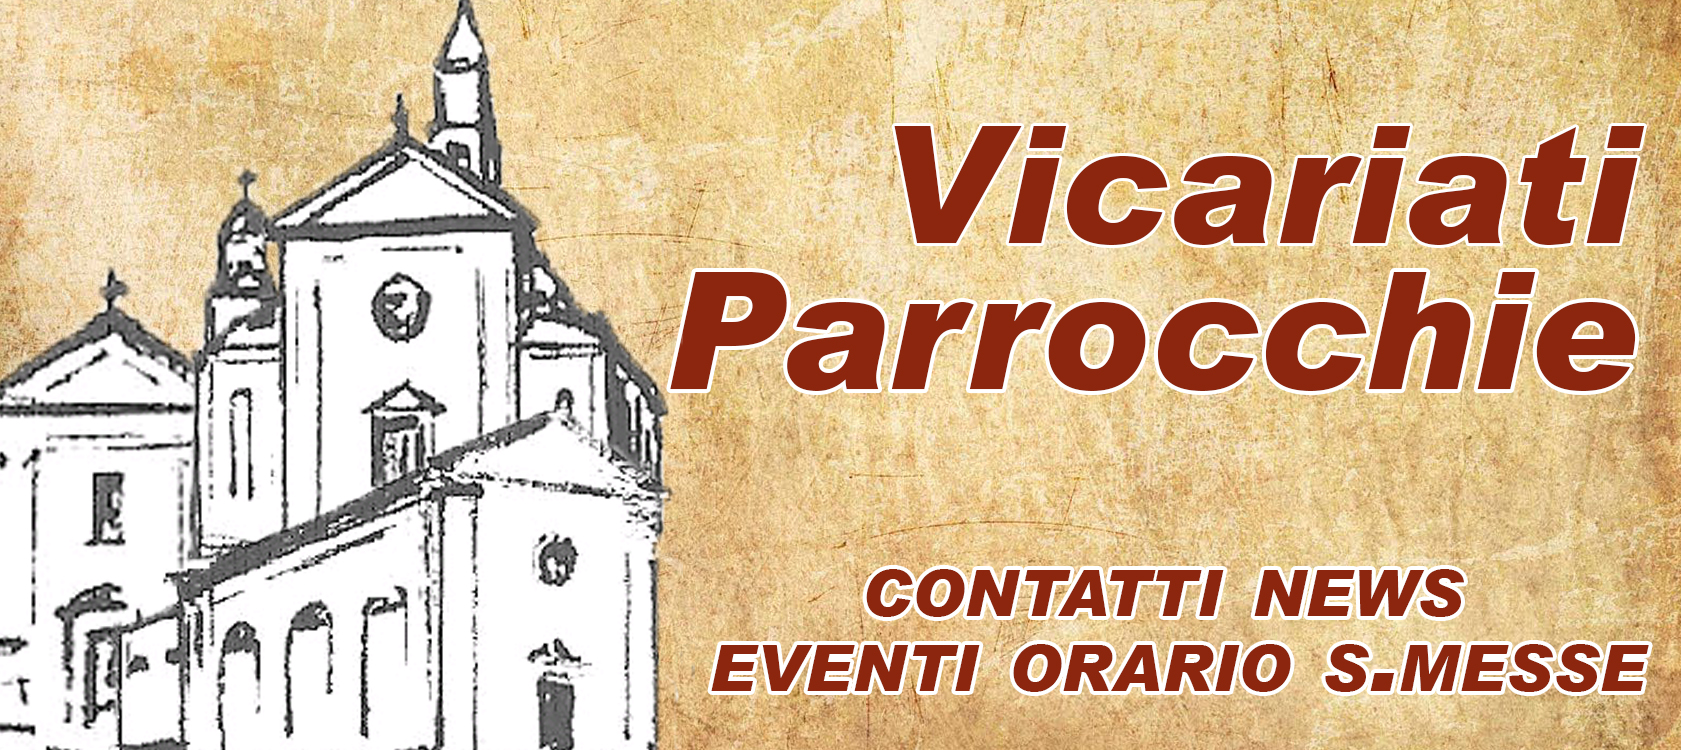 VICARIATI E PARROCCHIE